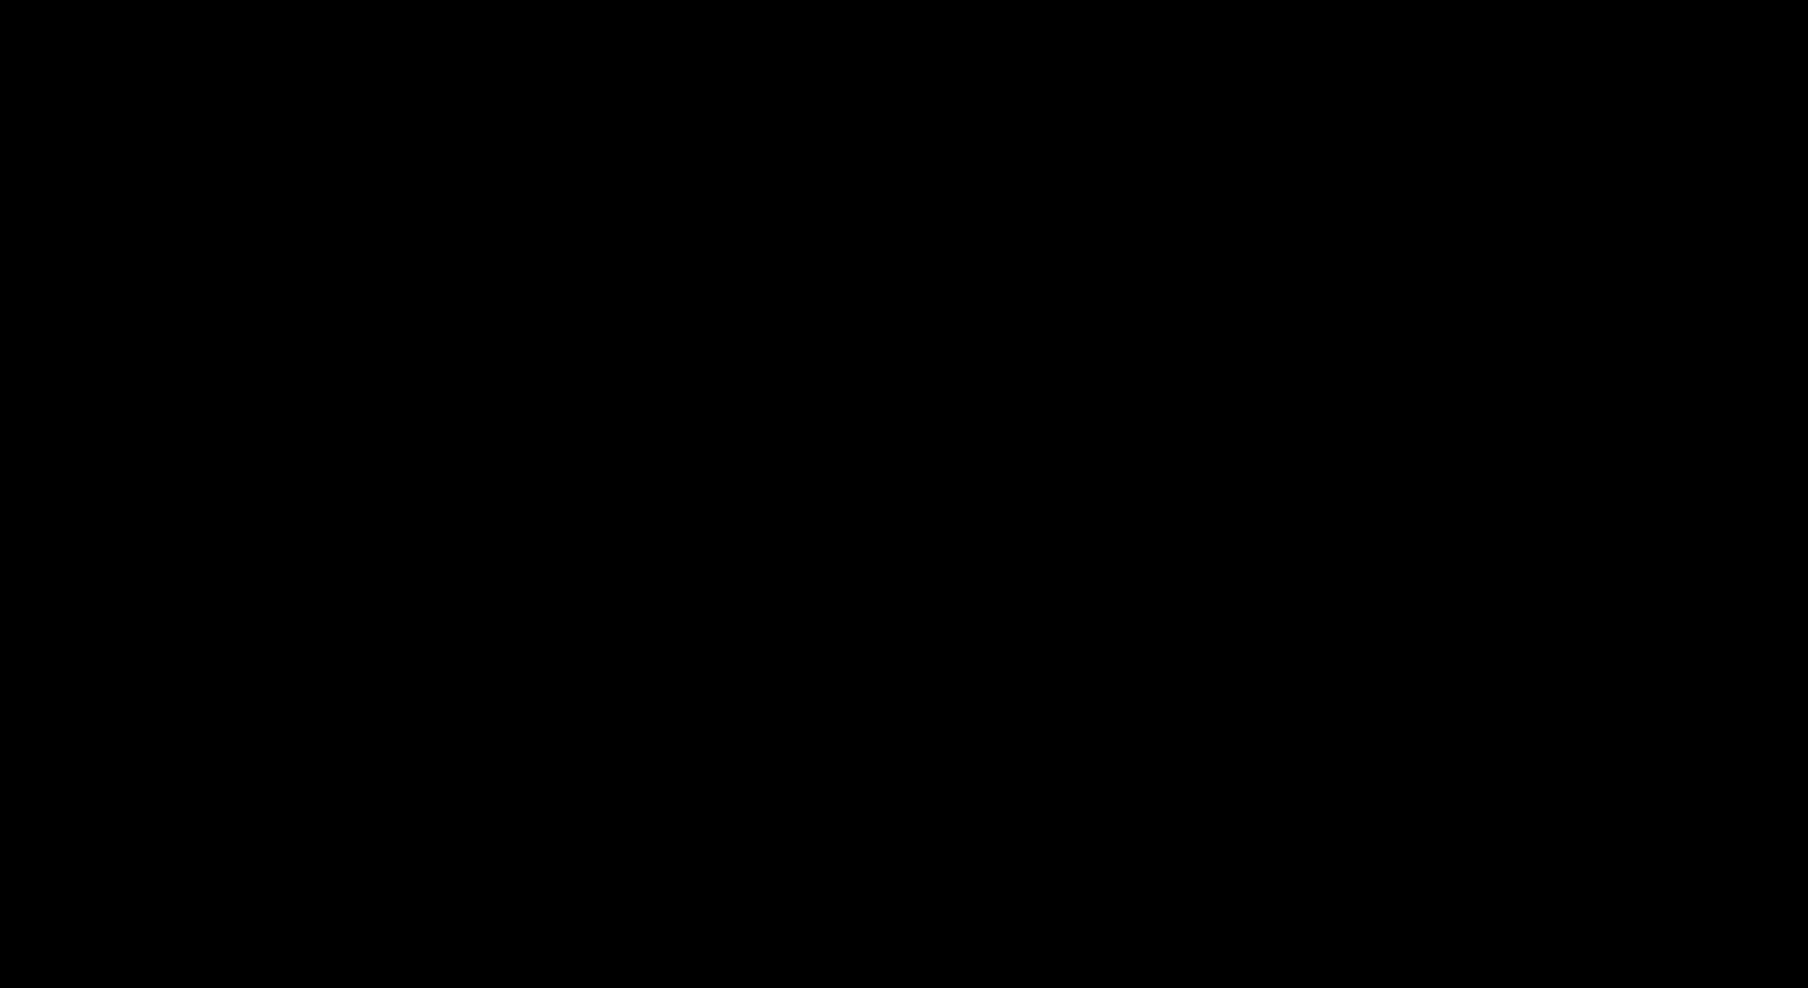 6-Dansyl-d<sub>6</sub>-N-hydroxyhexanamide